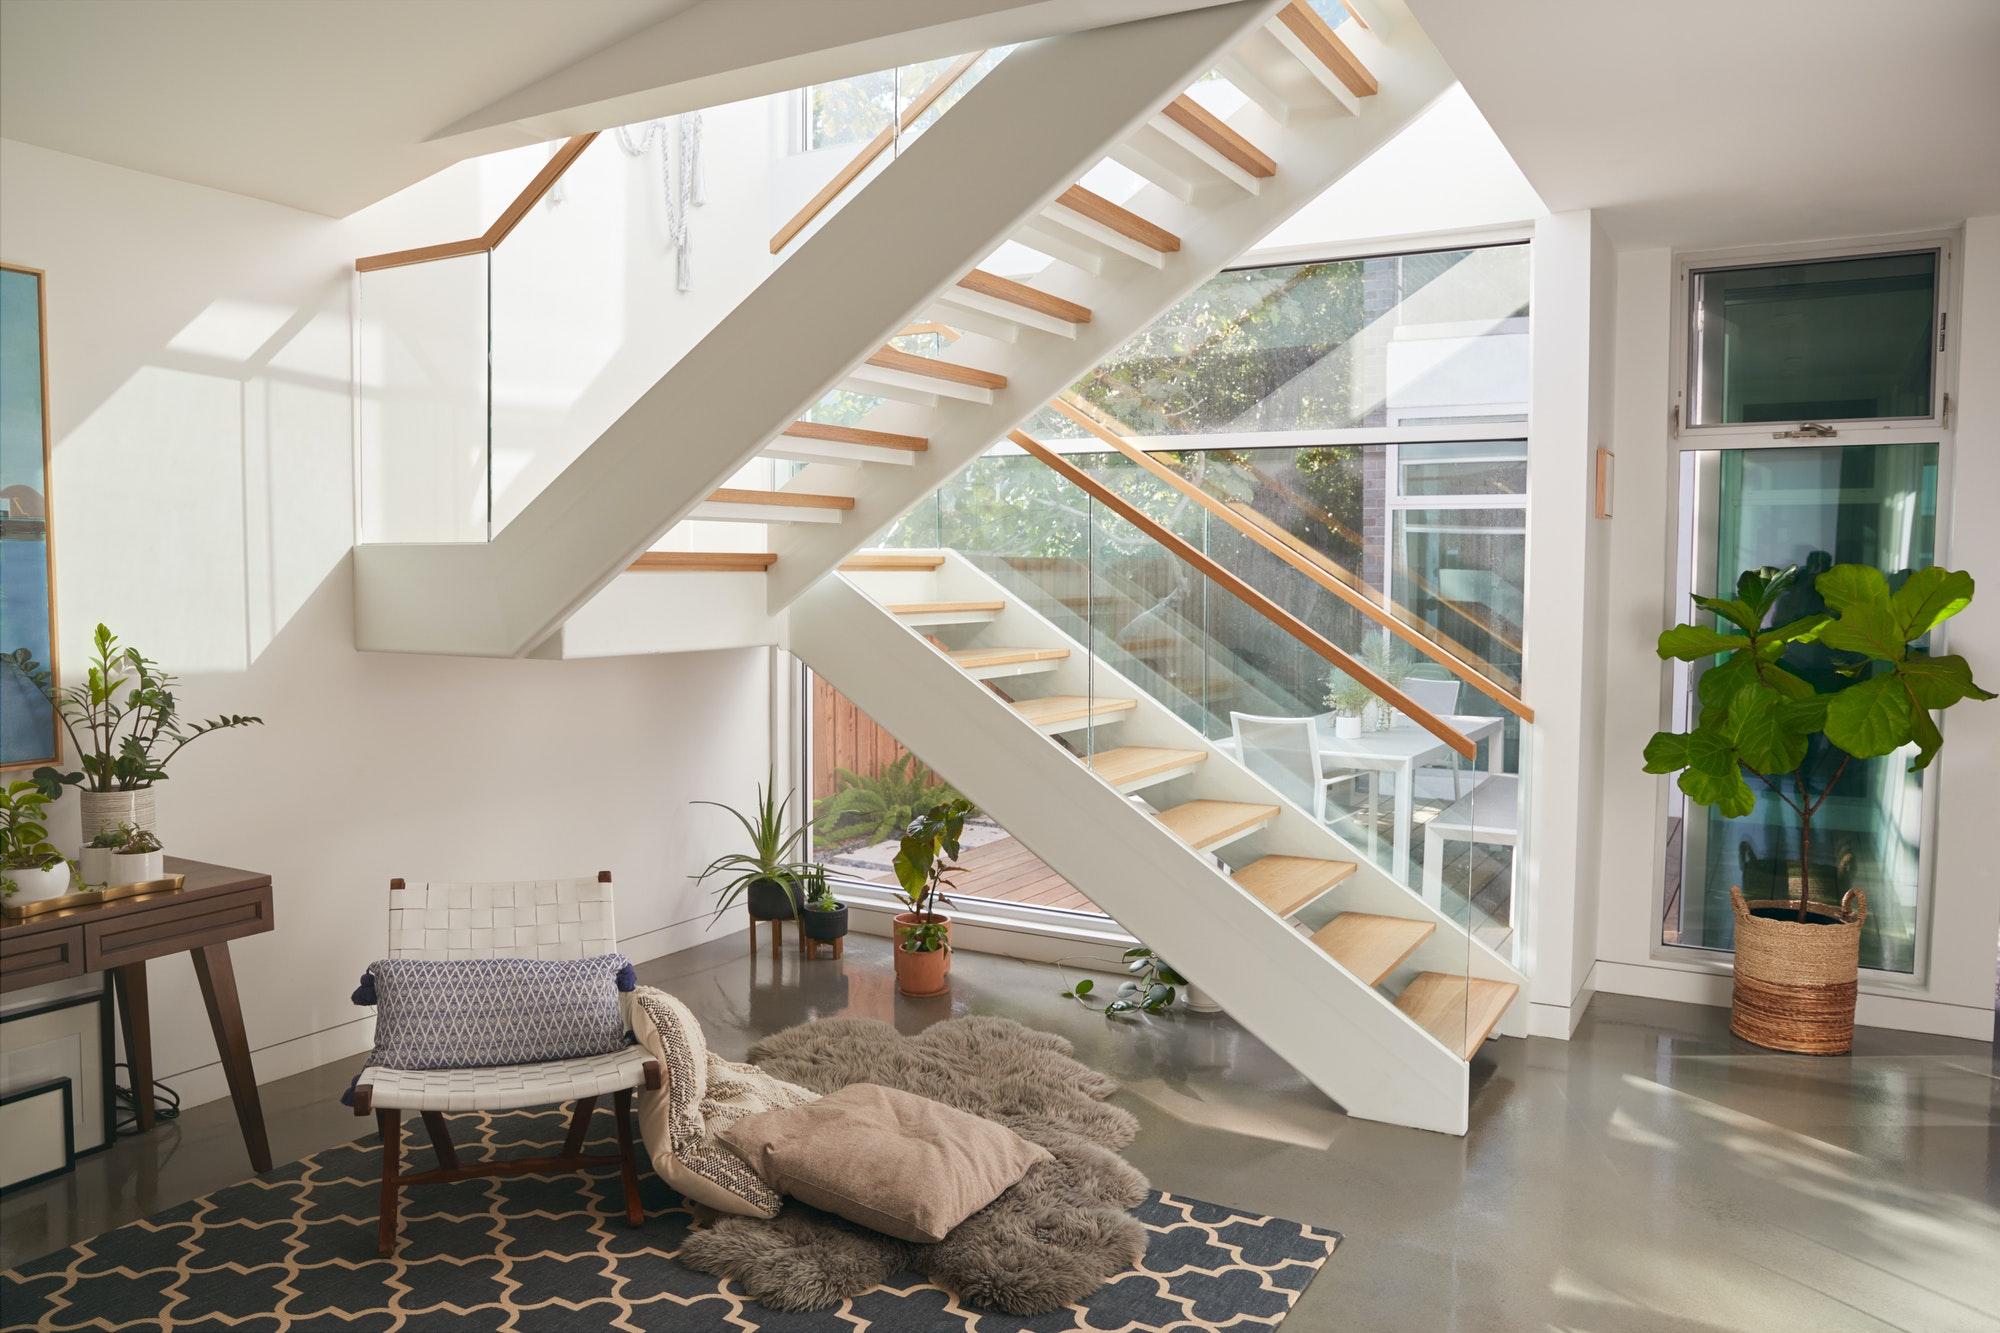 Reformas Casas Tenerife, vista interior de la hermosa sala de estar con escalera de vidrio y muebles suaves en la nueva casa familiar